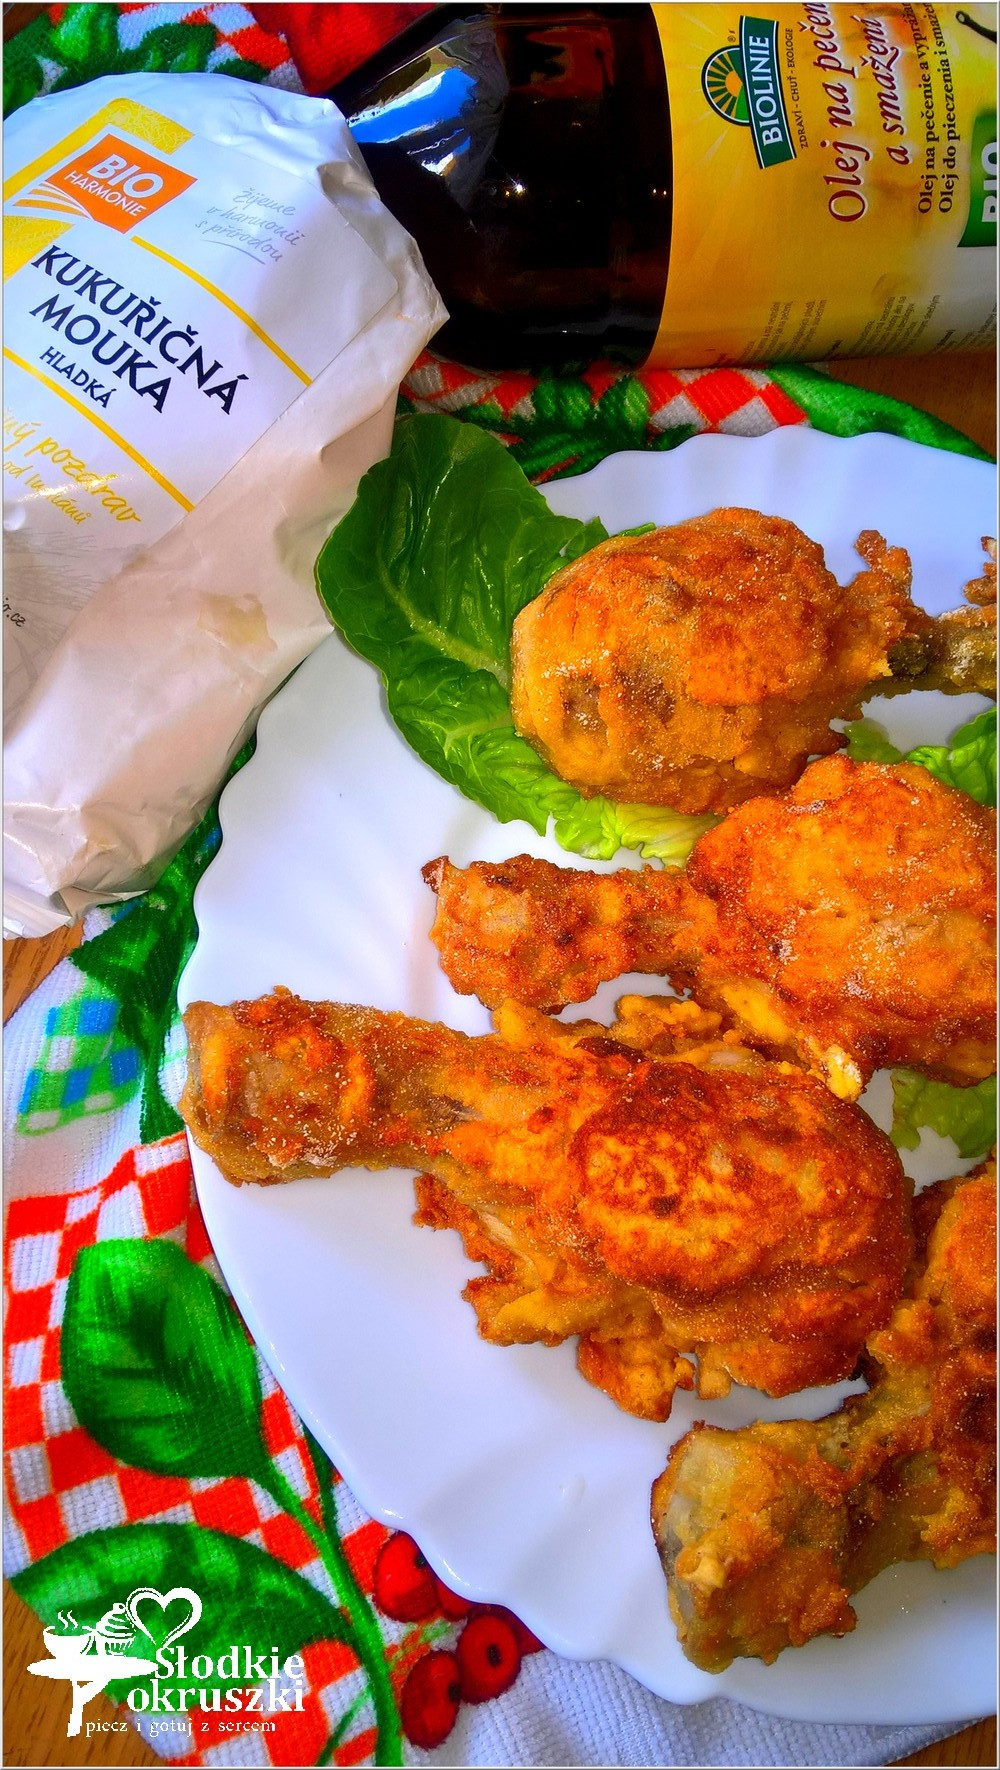 Kurczak w chrupiącej maślankowej panierce (1)